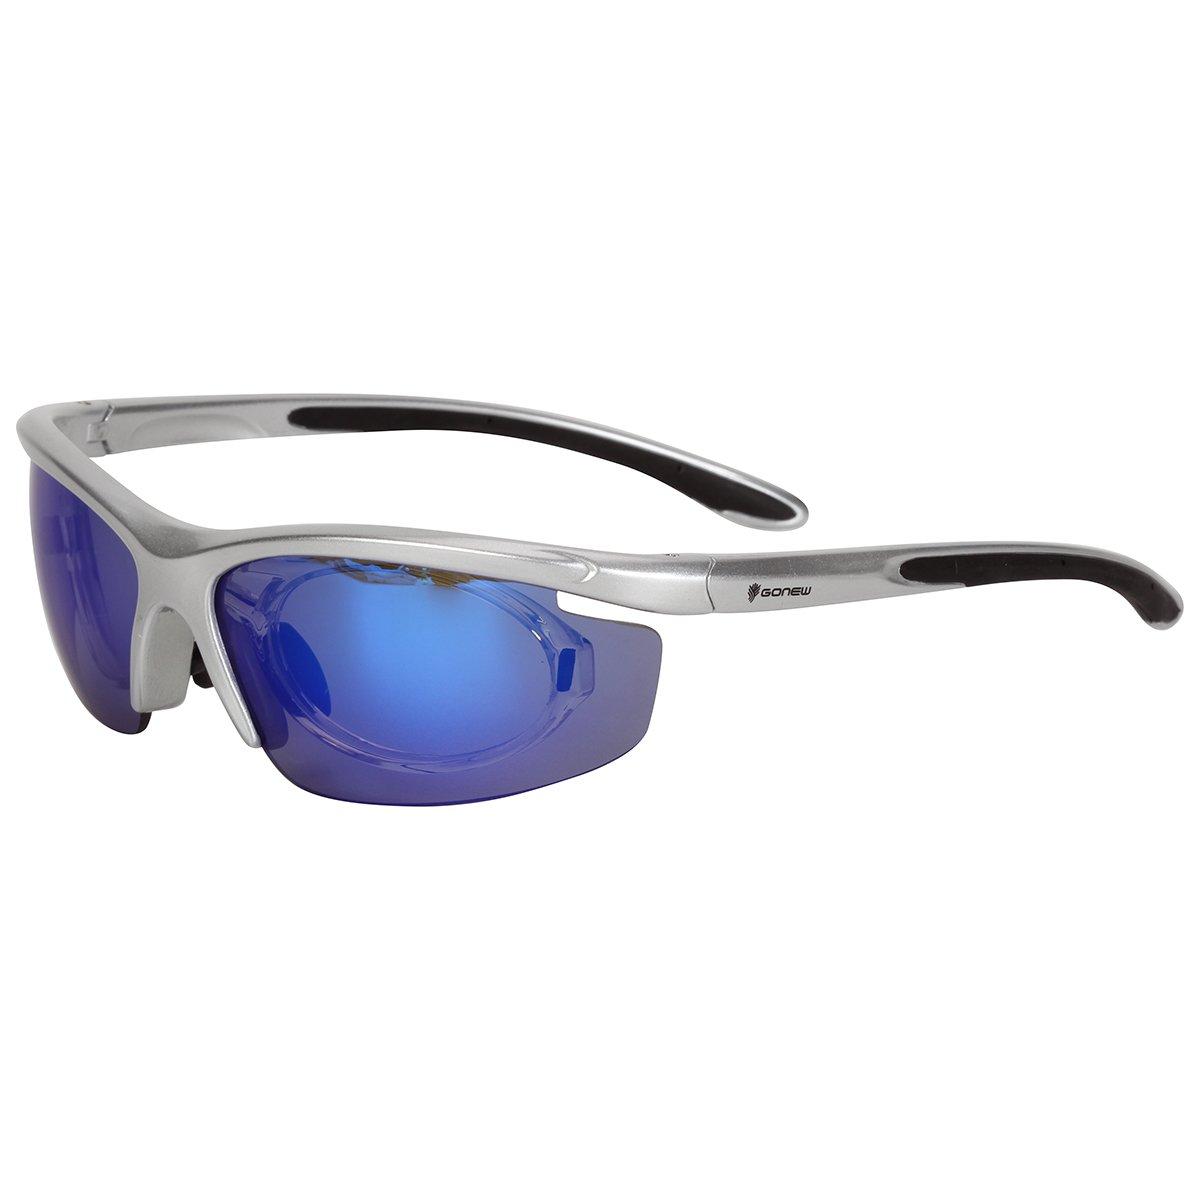 ... Óculos Gonew Fitter com Clip para Grau Removível - Polarizado ... 087c3ec6bd